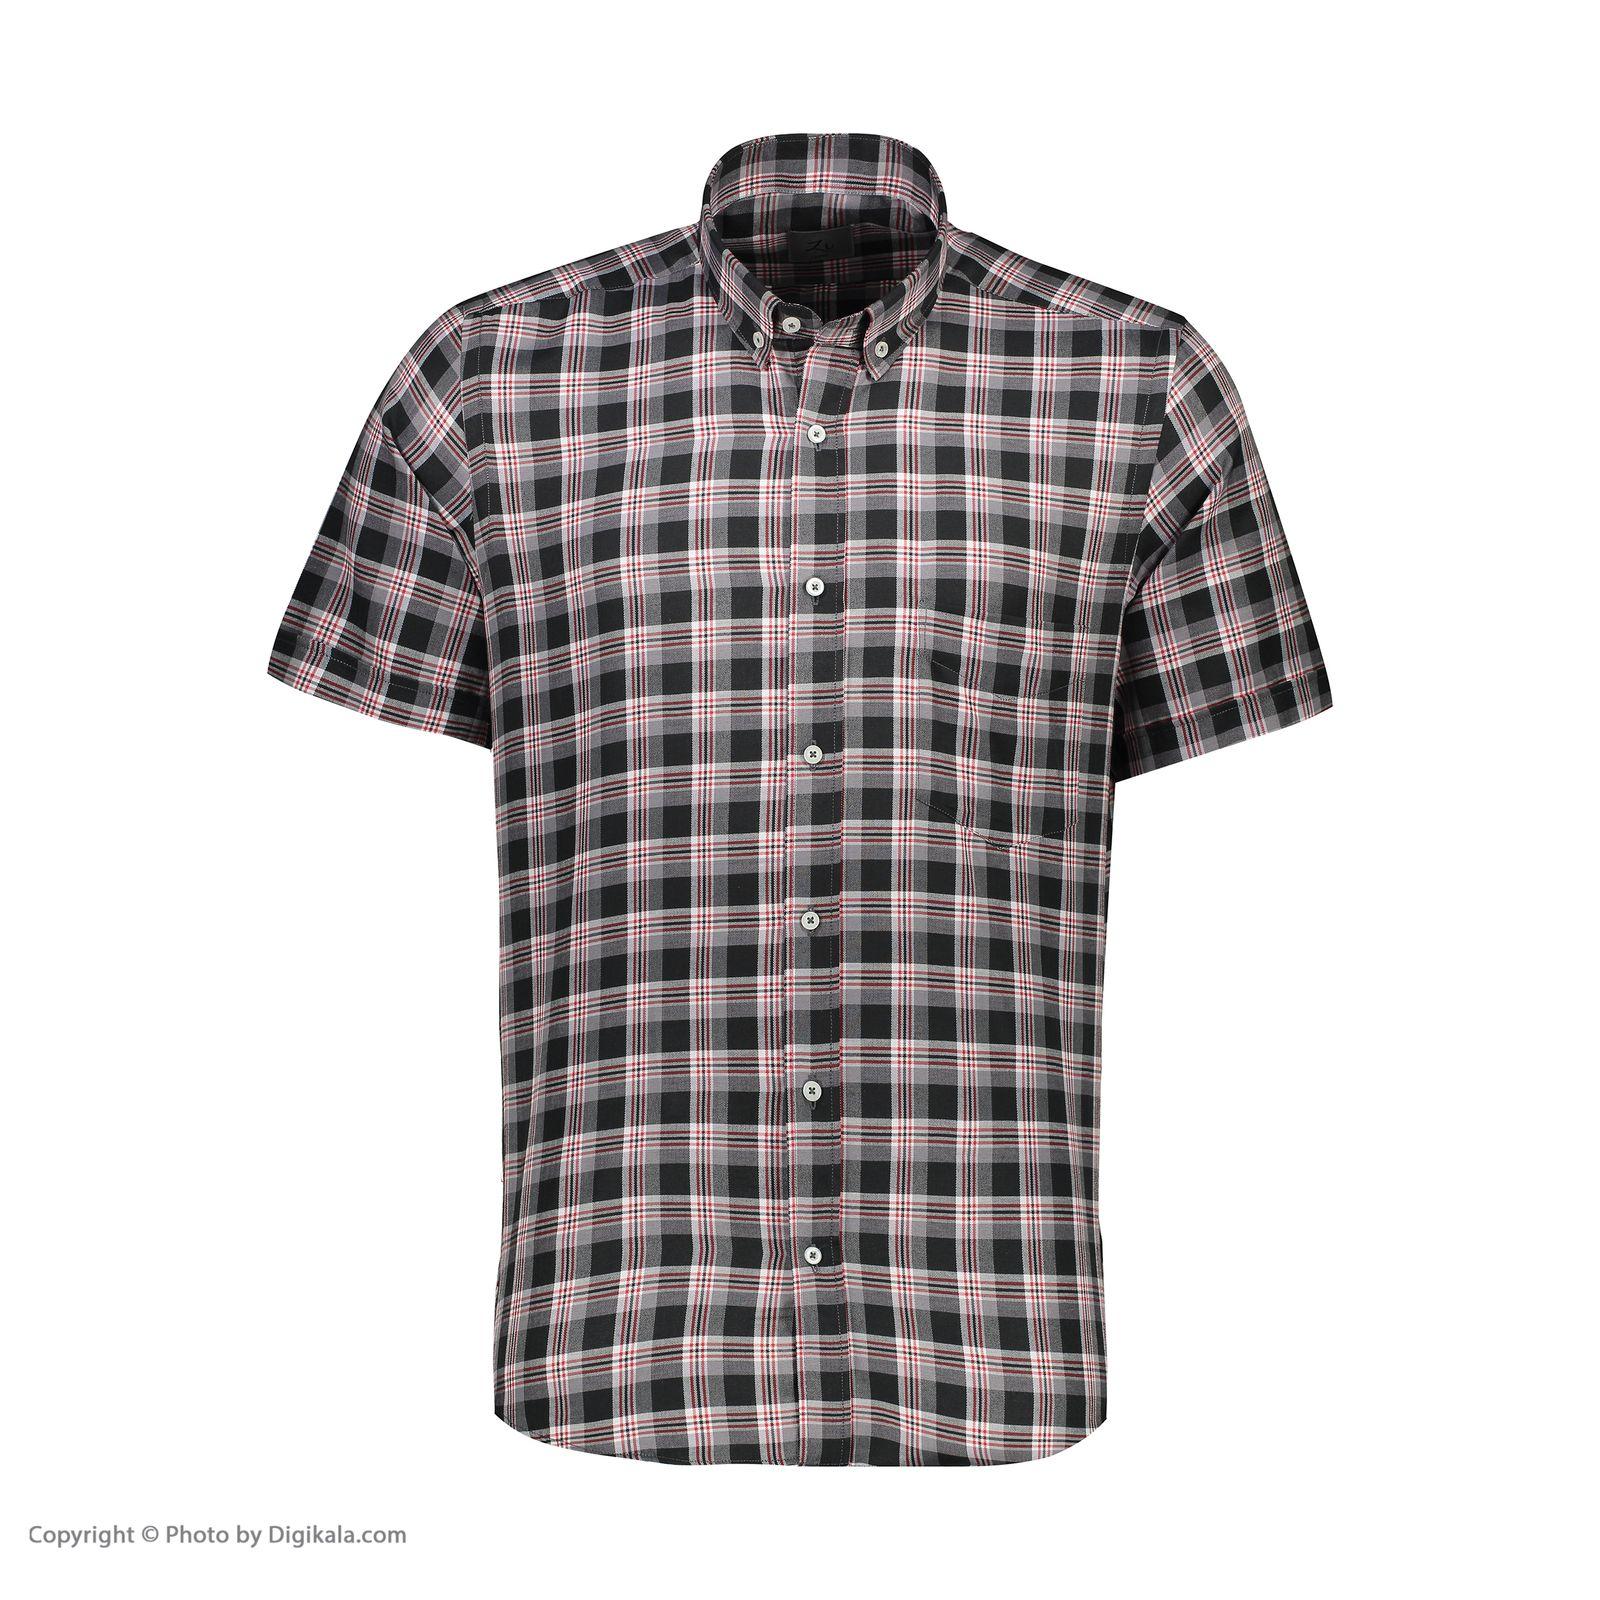 تصویر پیراهن مردانه زی مدل 1531193ML